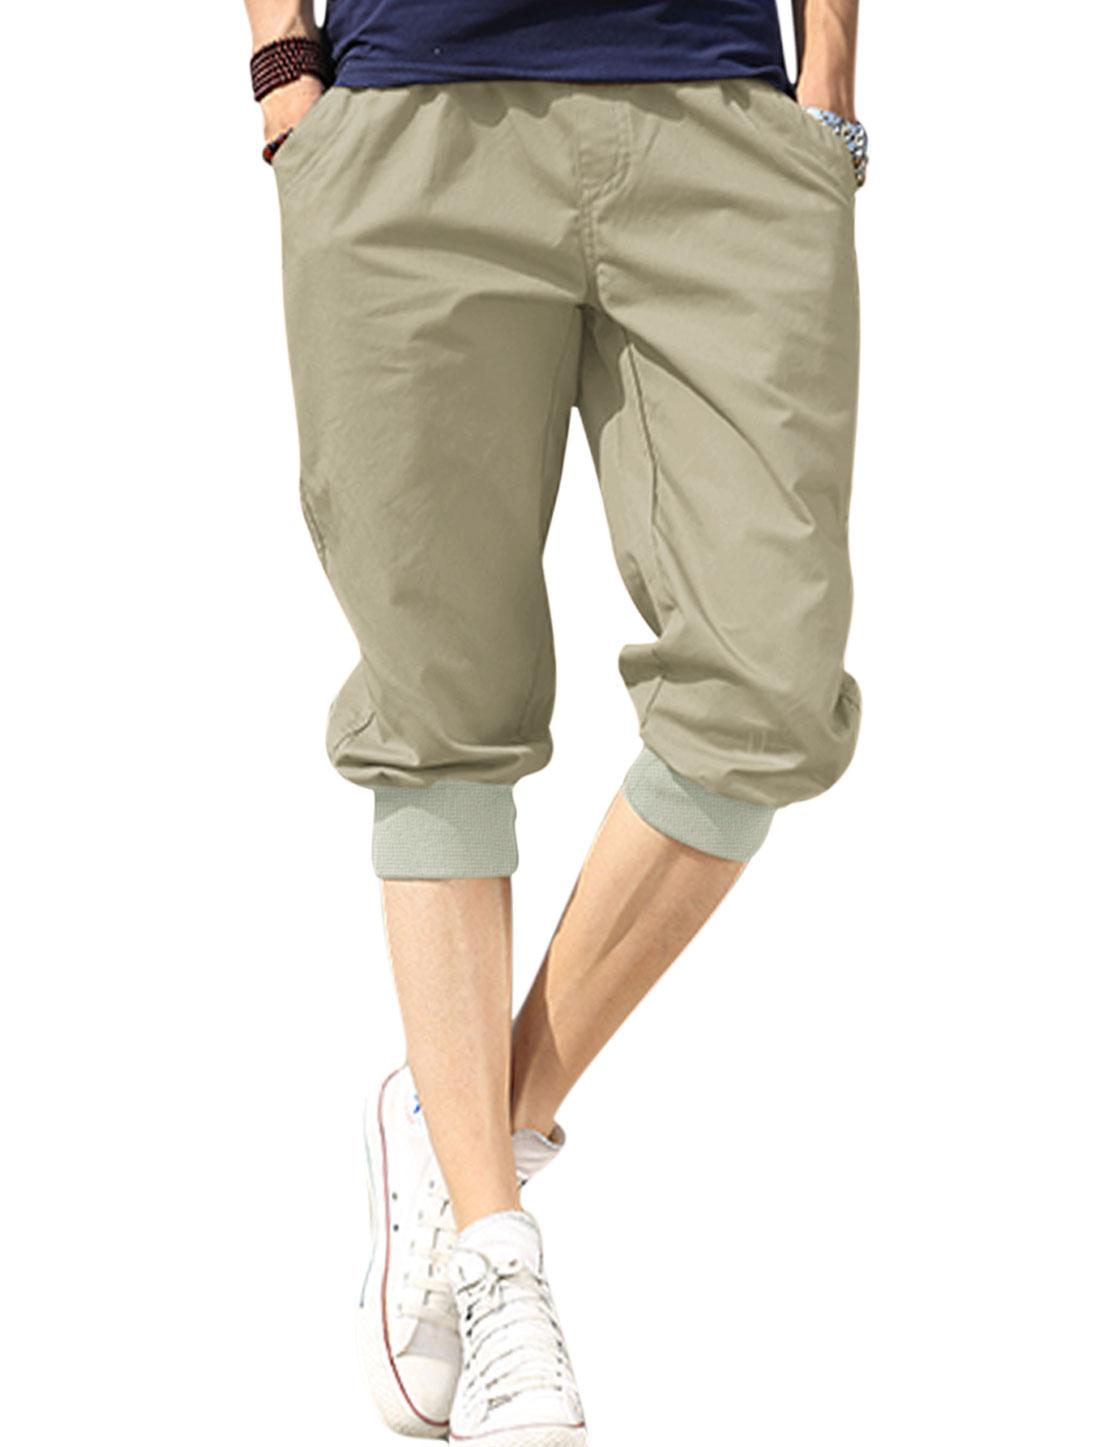 Man's Elastic Waist Front Slant Pockets Mid Rise Capris Beige W30